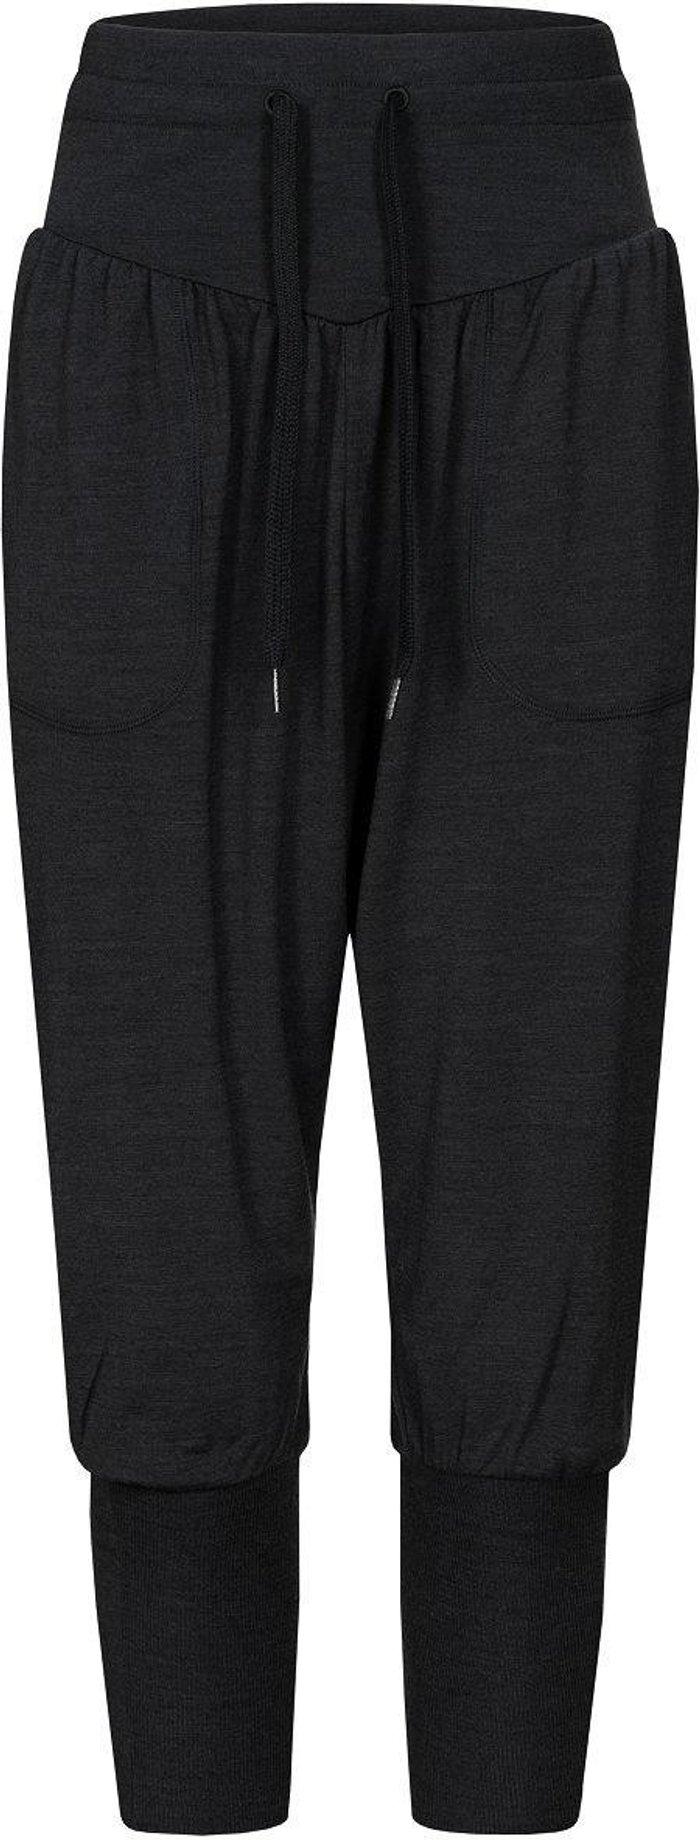 SUPER NATURAL Super Natural Harem Pants (SNW002860) black melange